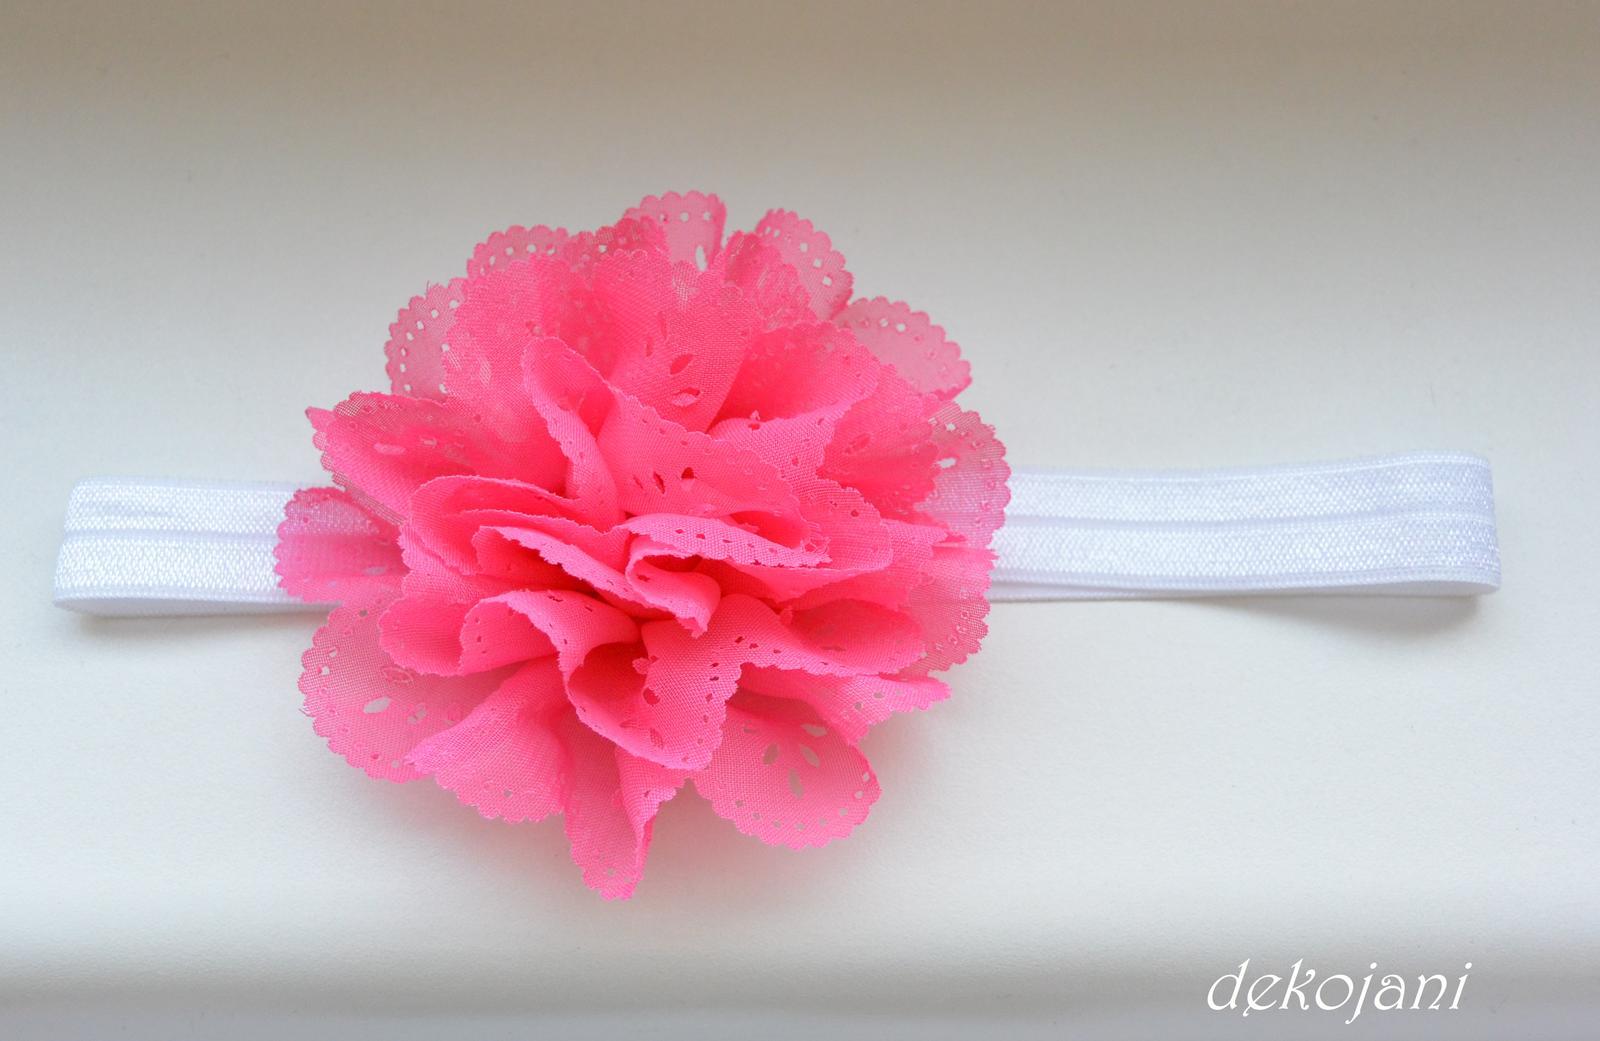 Čelenky, květiny do vlasů, náramky, obojek pro pejska... - Obrázek č. 53